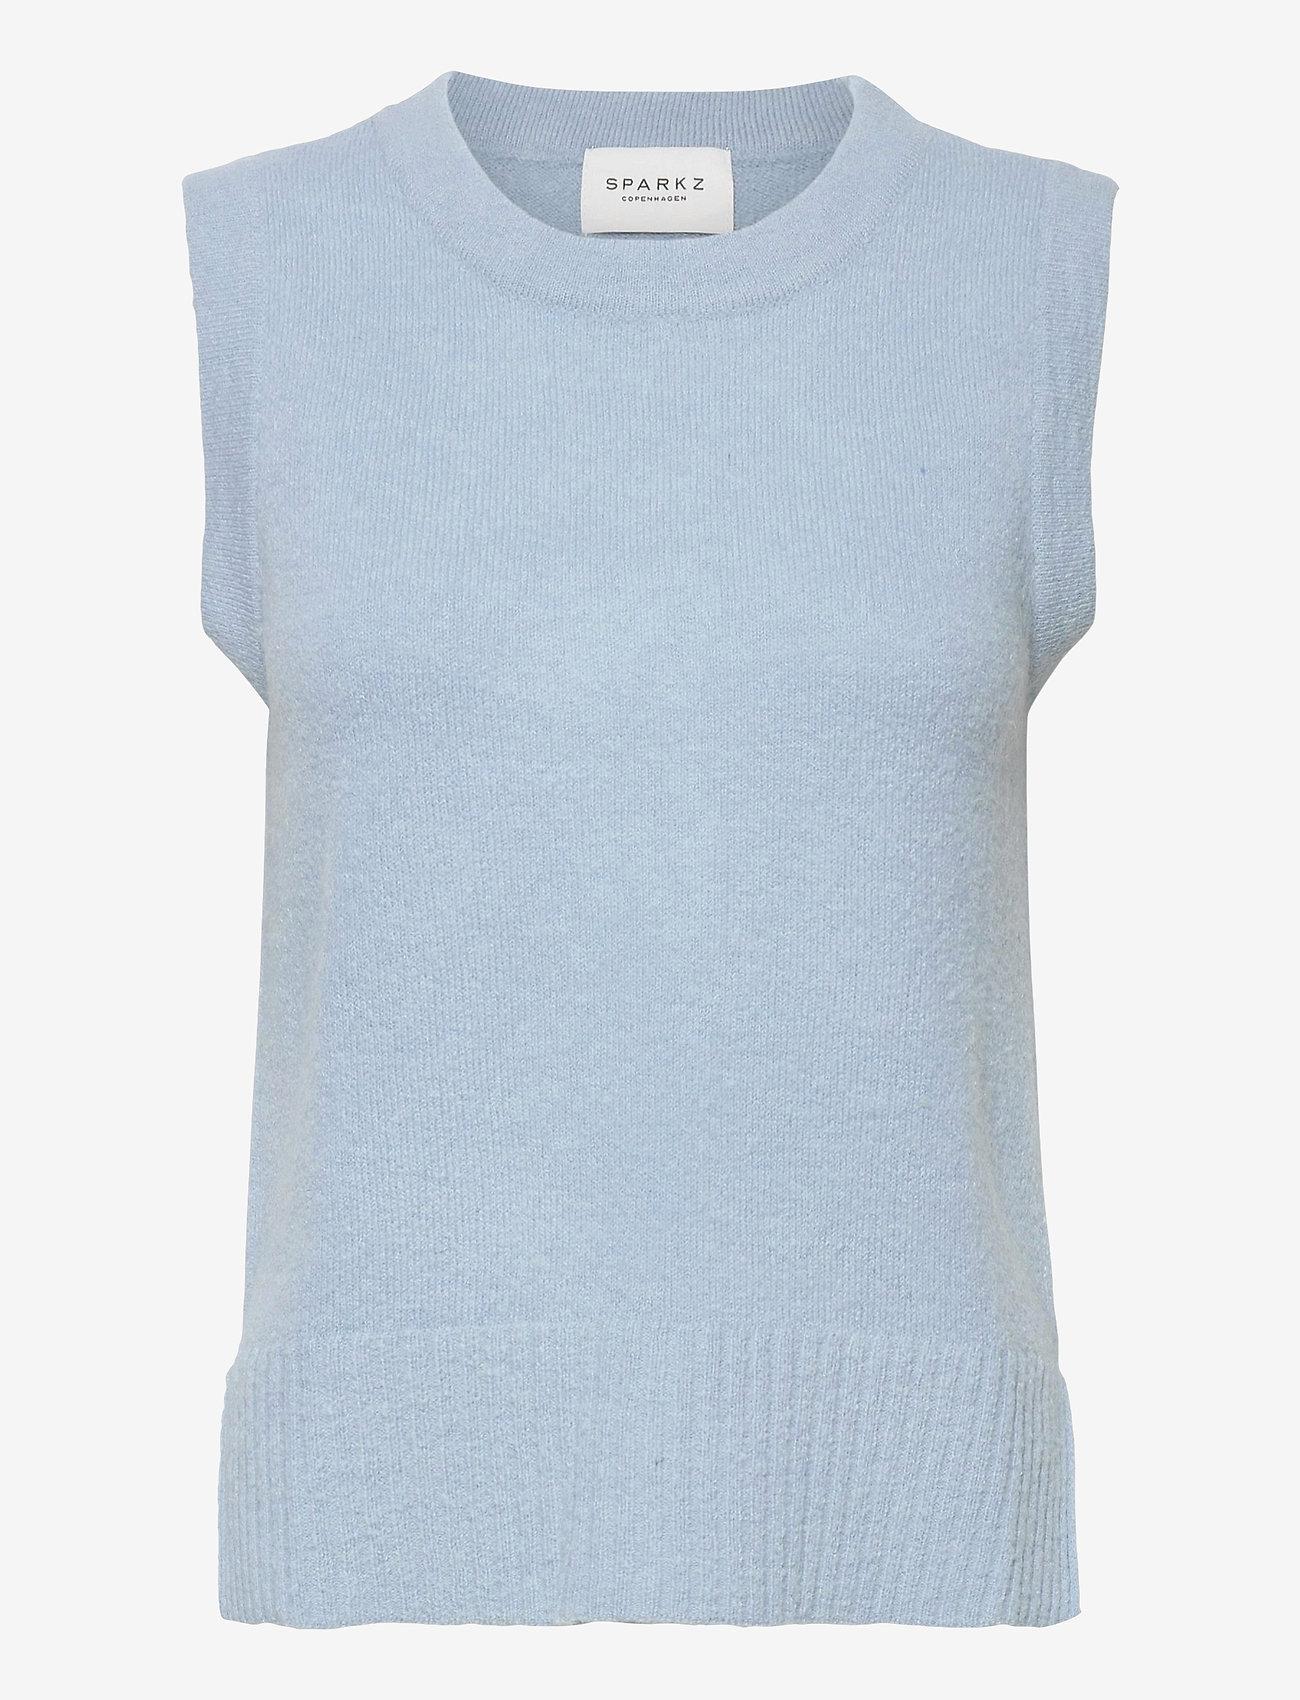 SPARKZ COPENHAGEN - LISSIE KNITTED VEST - knitted vests - powder blue - 0